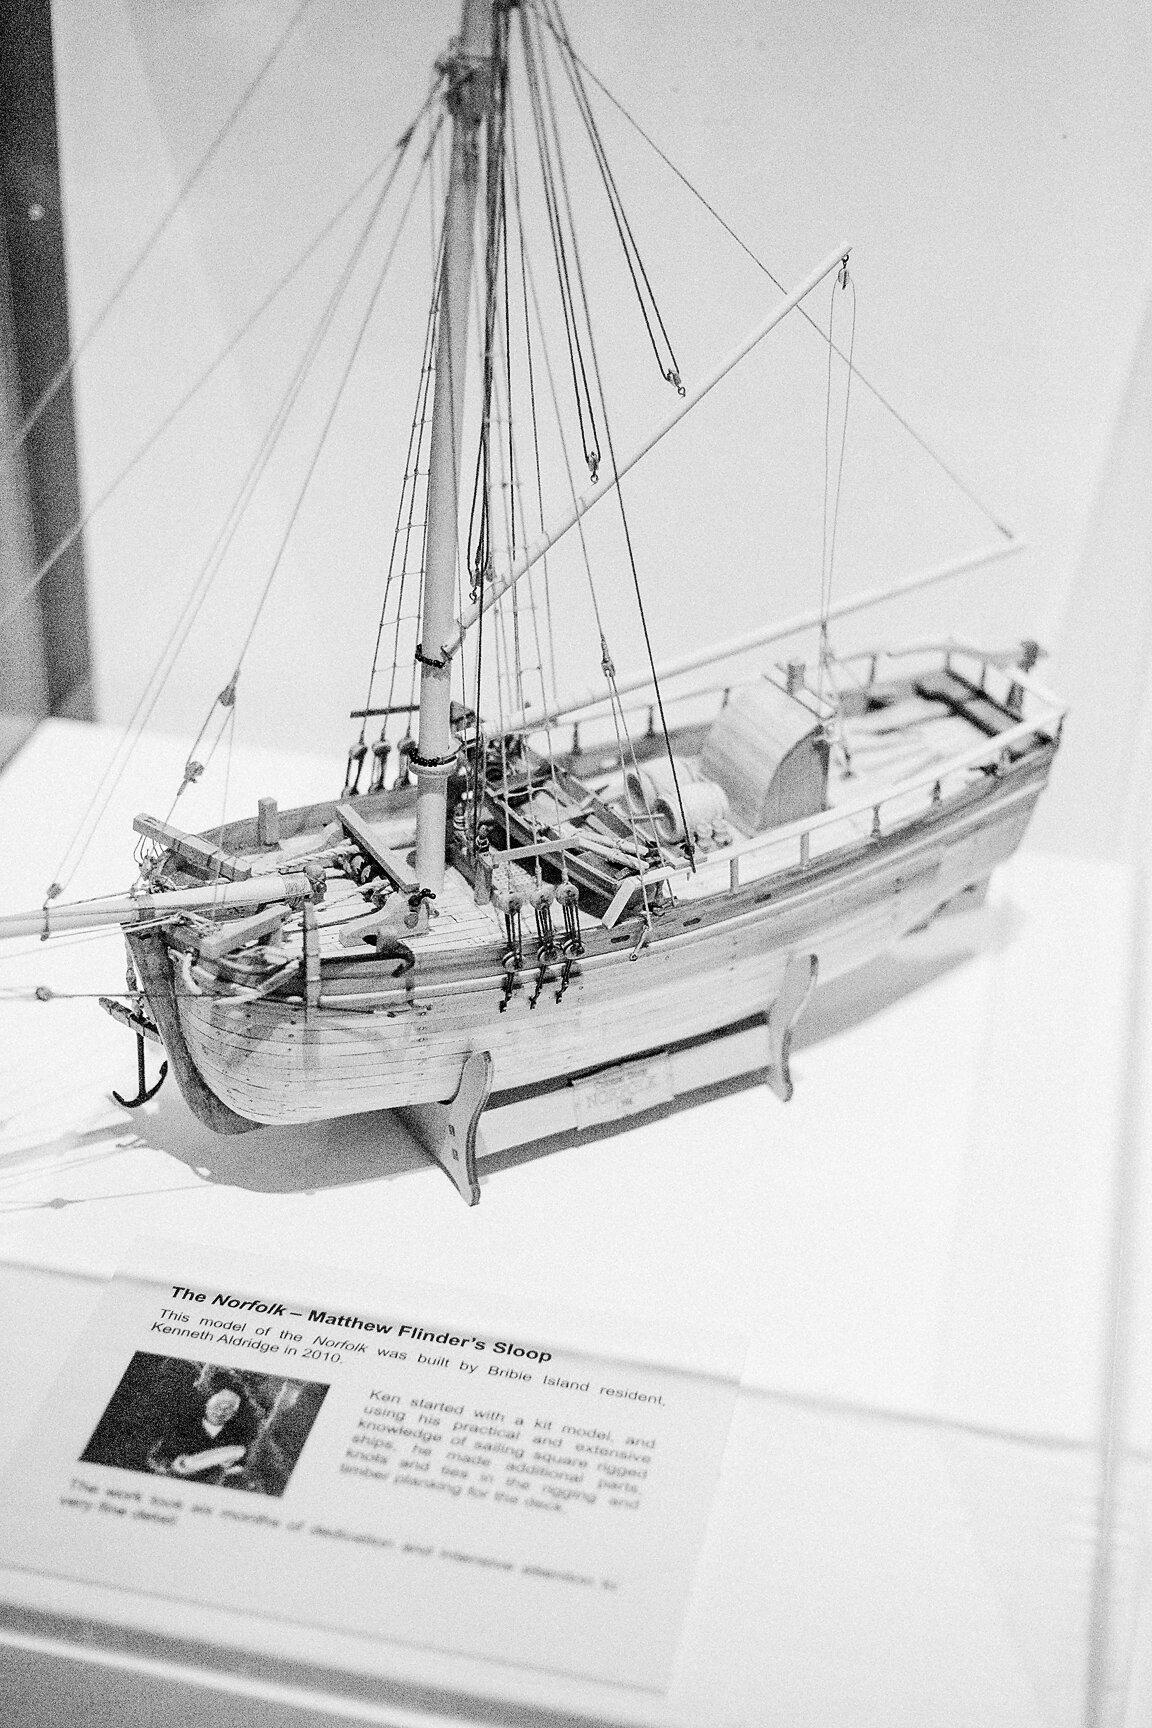 The Norfolk – Matthew Flinder's Sloop  This model of the  Norfolk  was built by Bribie Island resident, Kenneth Aldridge in 2010.